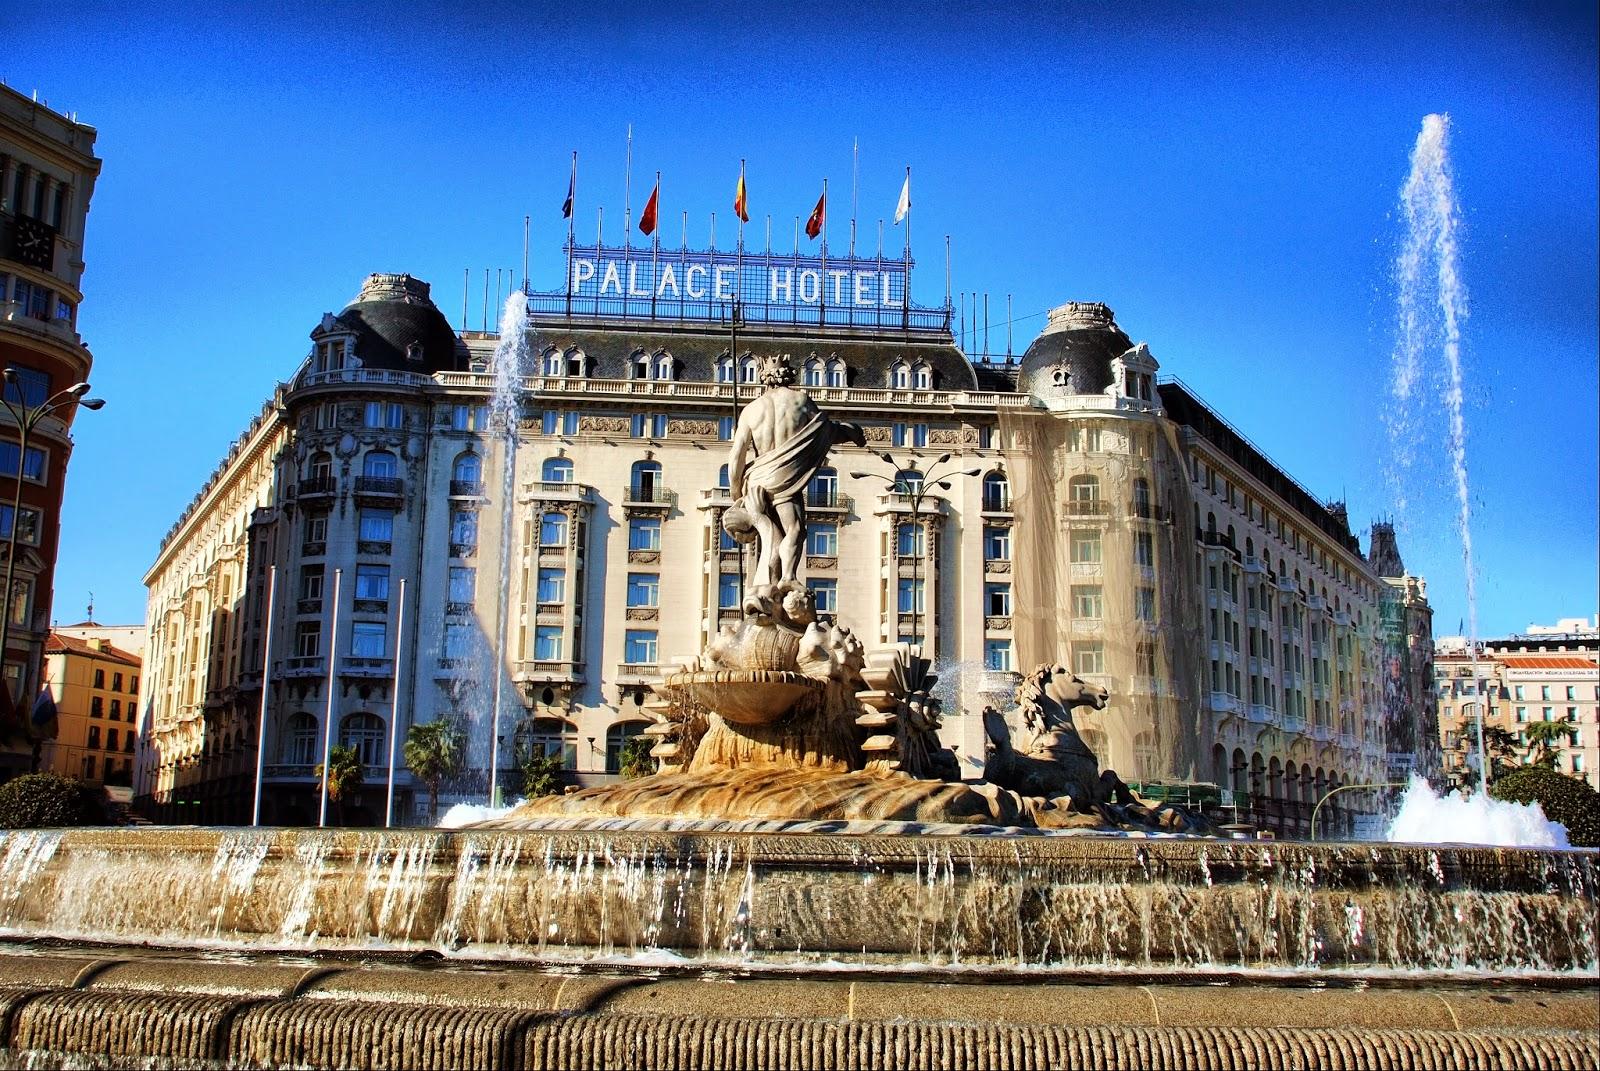 Hotel Palace y Fuente de Neptuno